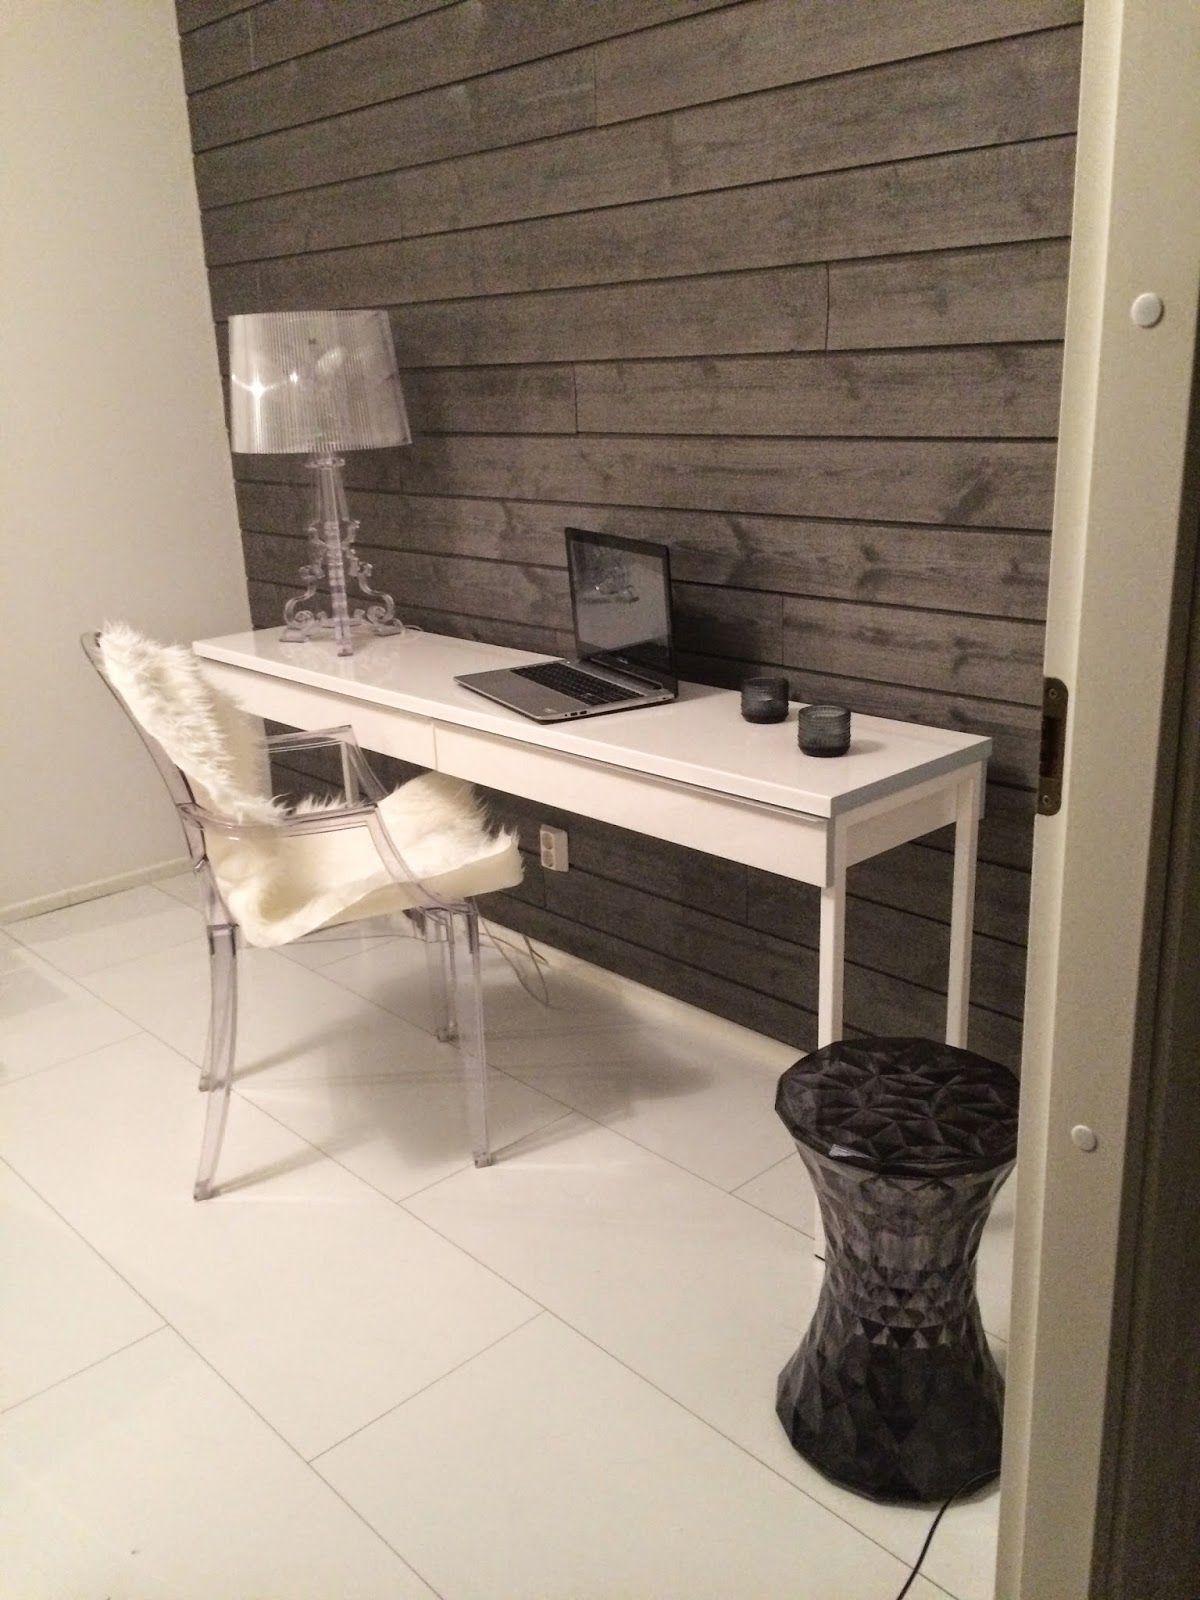 Harmaa paneeliseinä (Moderni valkoinen koti - blogi)   Ideas for the House   Koti, Sisustus ...